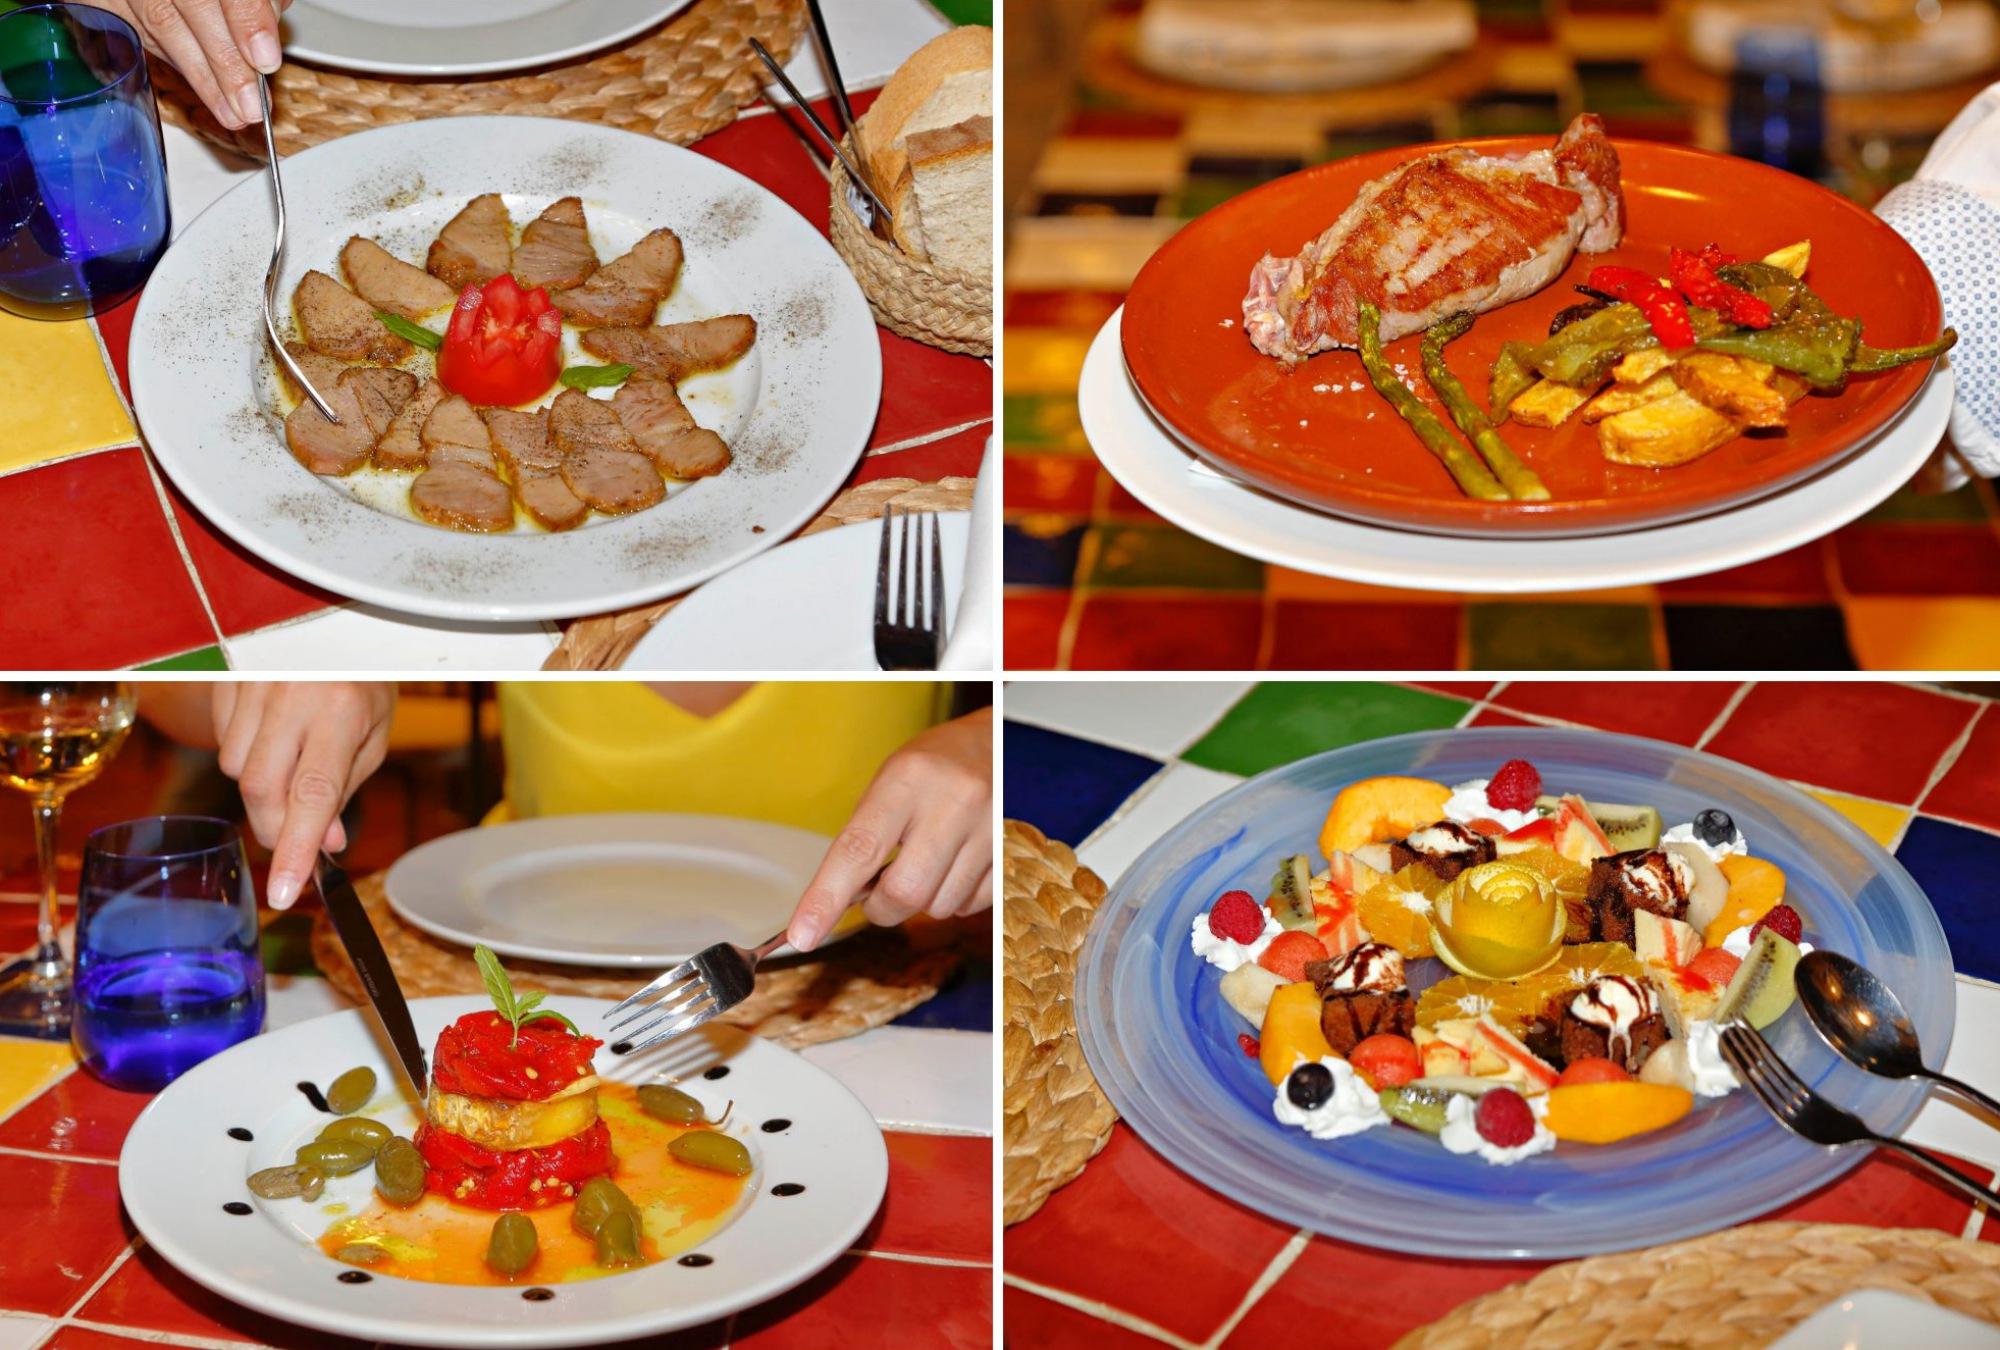 Lomo de orza, solomillo con verduras, timbal de pimientos rojos con queso de cabra y el postre: 'brownie' con tarta de queso y fruta de temporada.